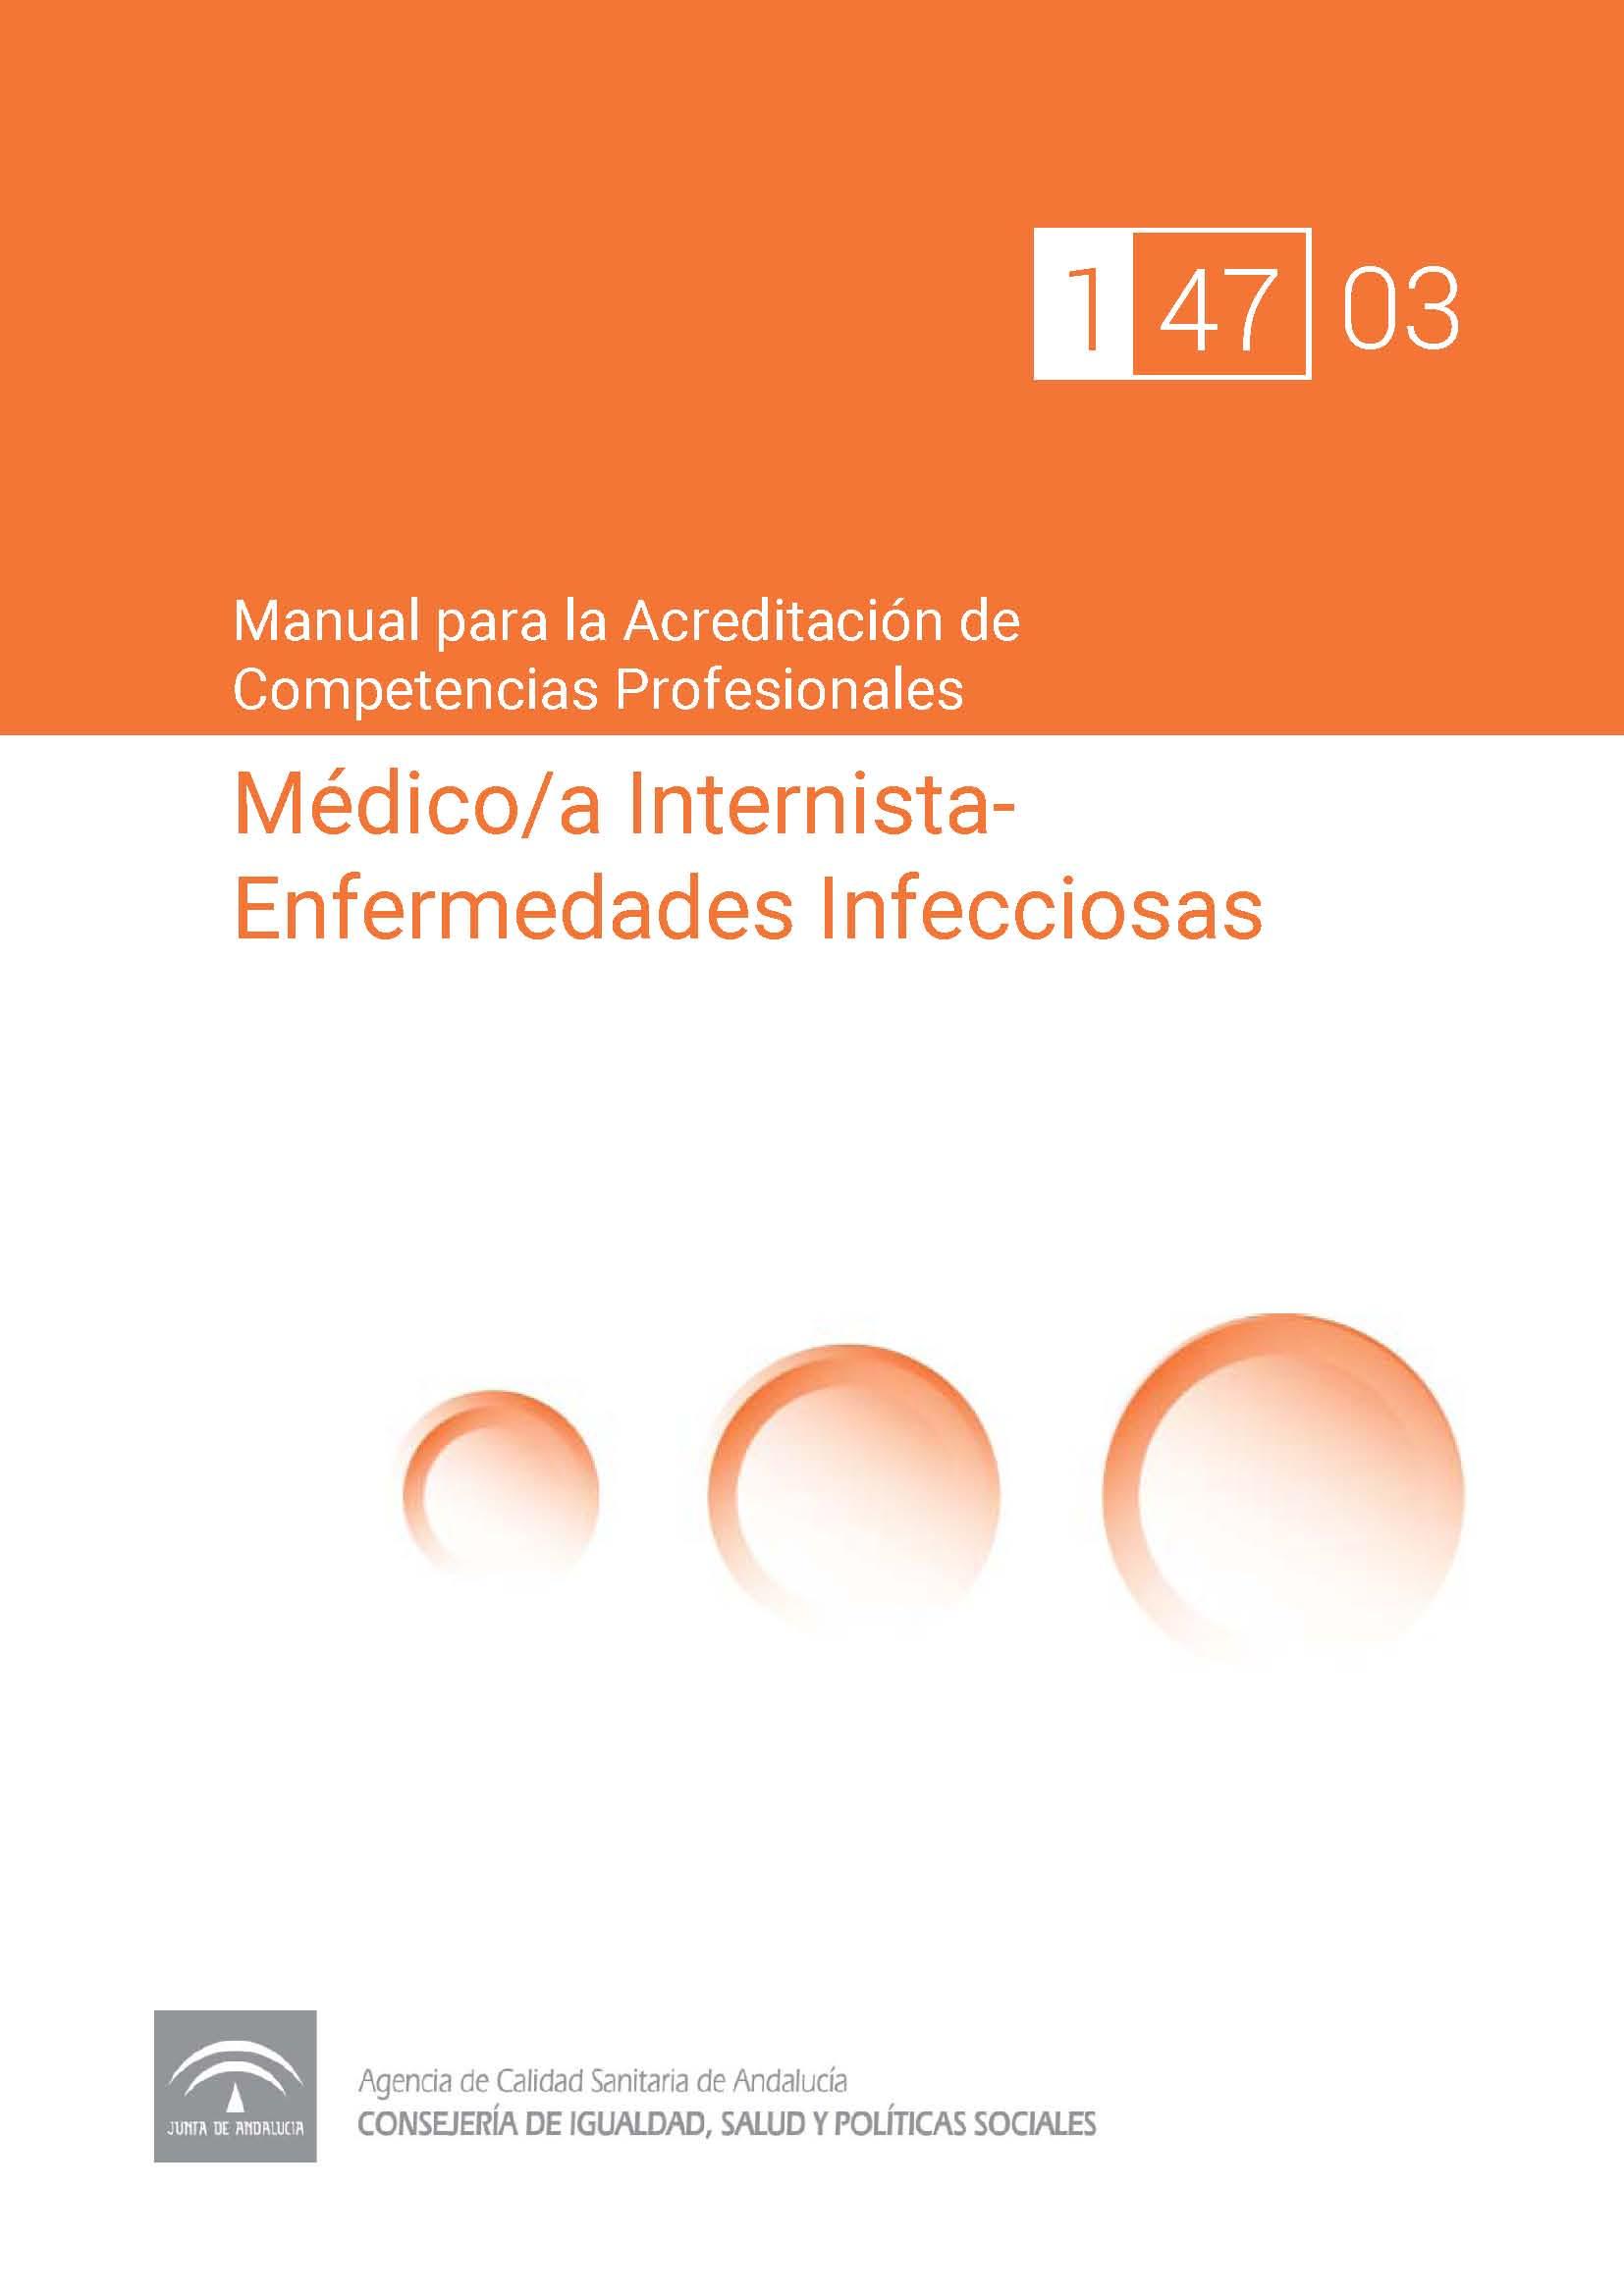 Manual de competencias profesionales del/de la Médico/a Internista-Enfermedades Infecciosas